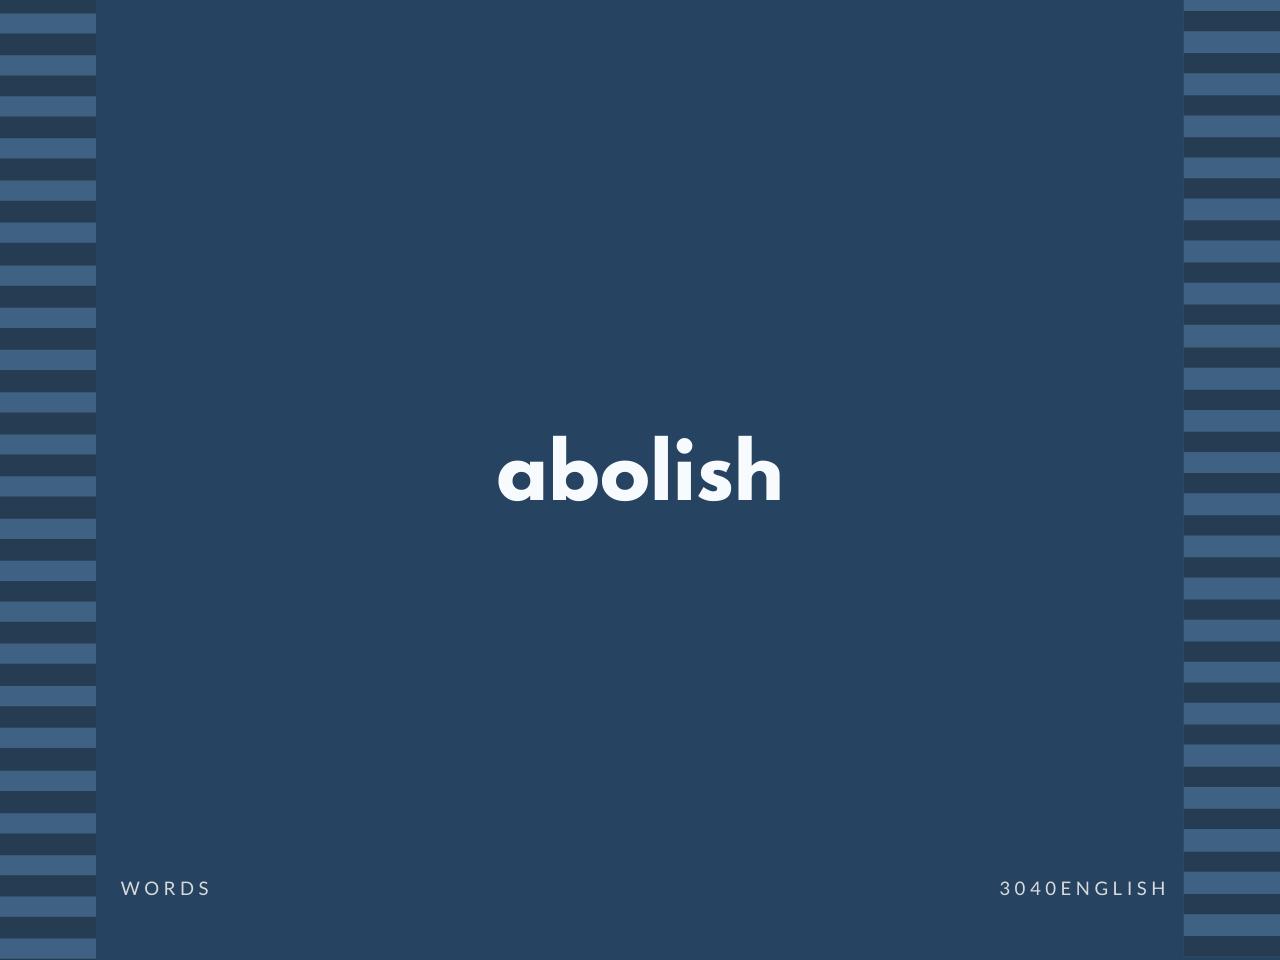 abolish の意味と簡単な使い方【音読用例文あり】